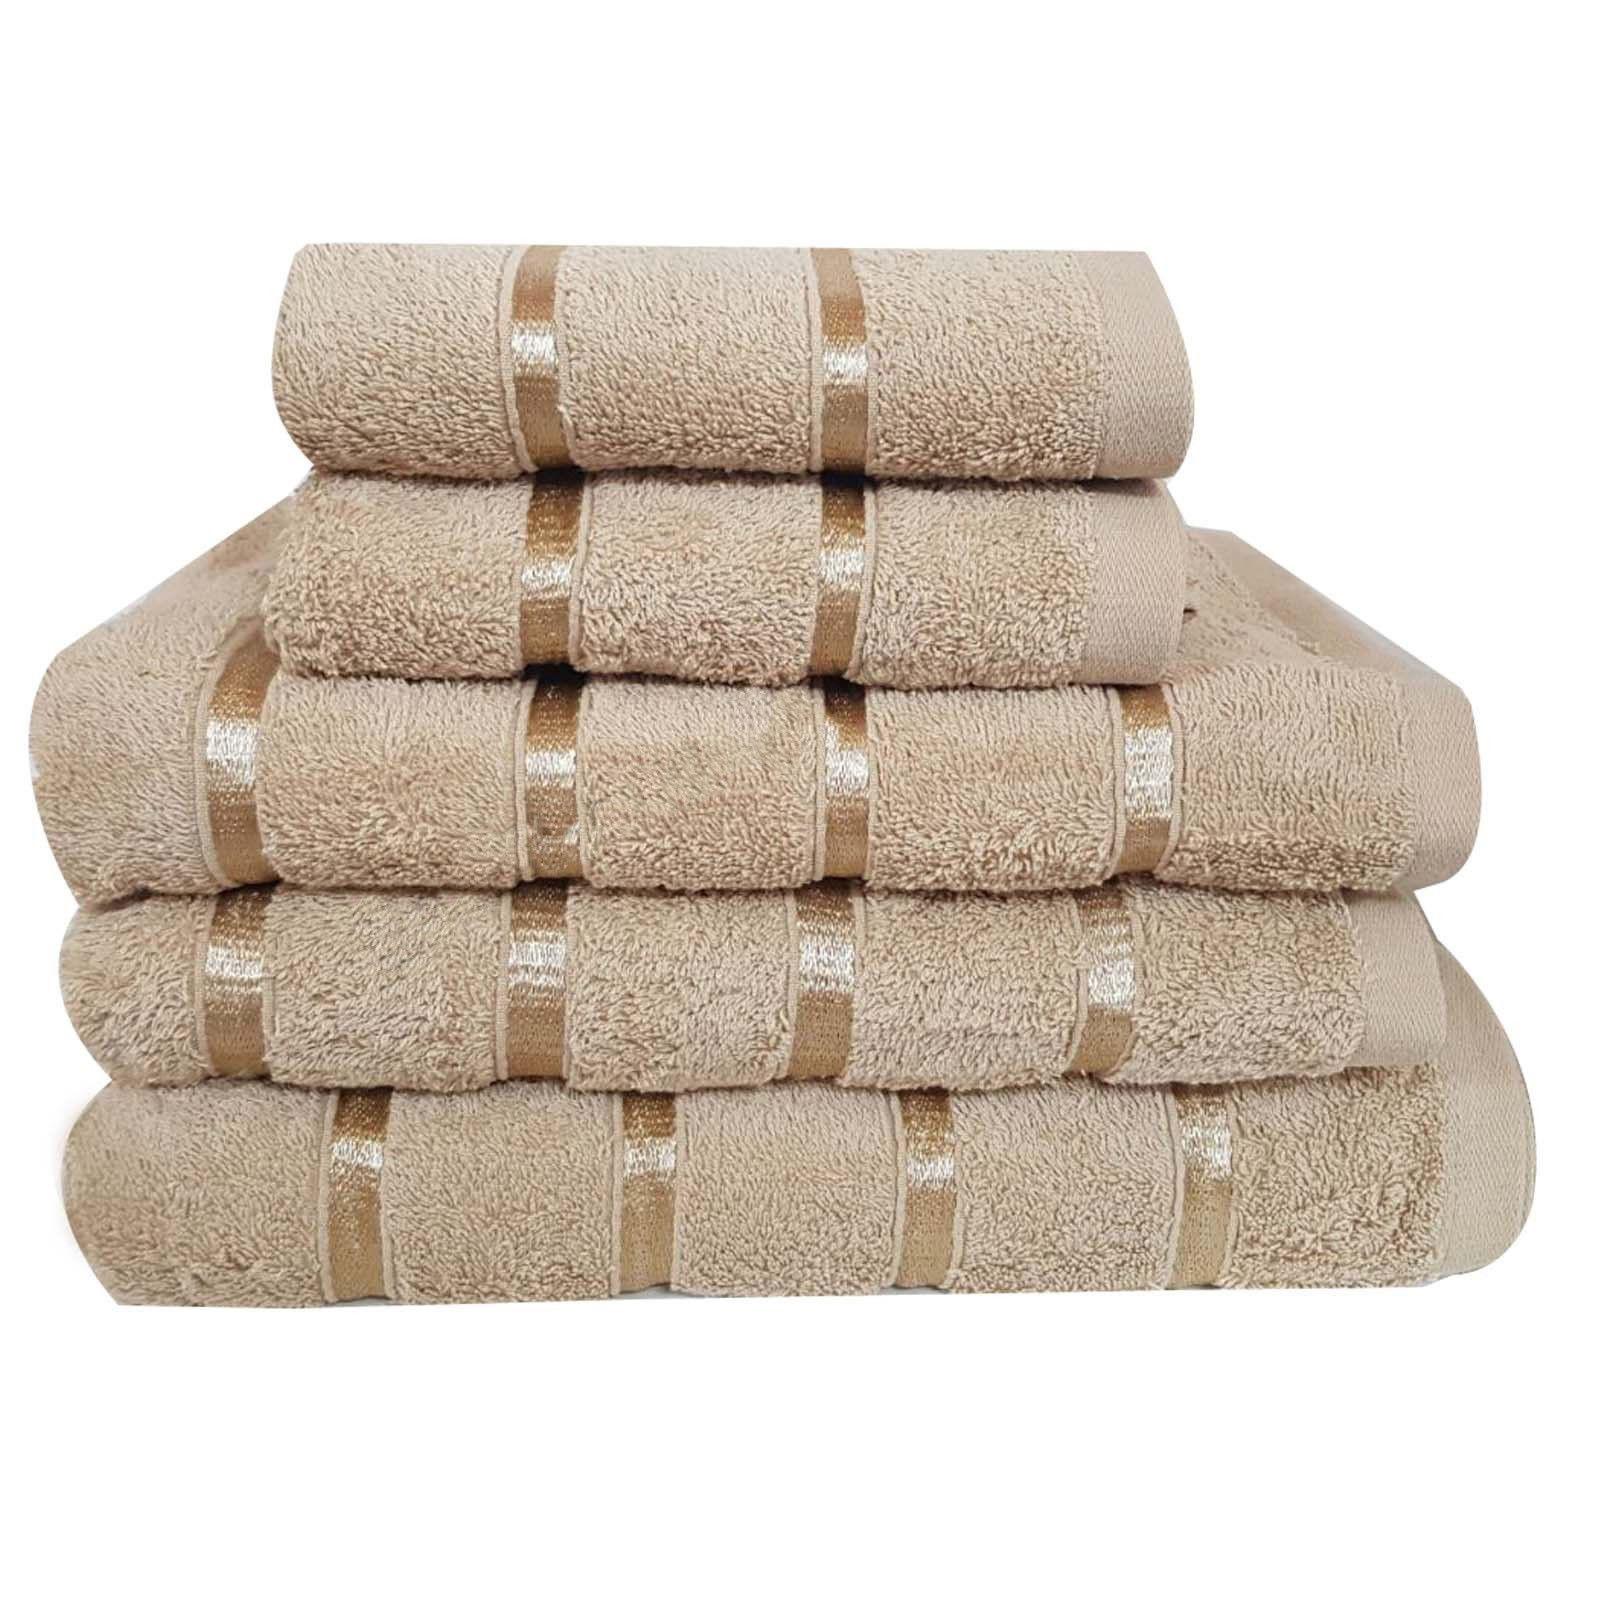 5 Piece Egyptian Cotton Towel Set Satin Stripe 500 Gsm